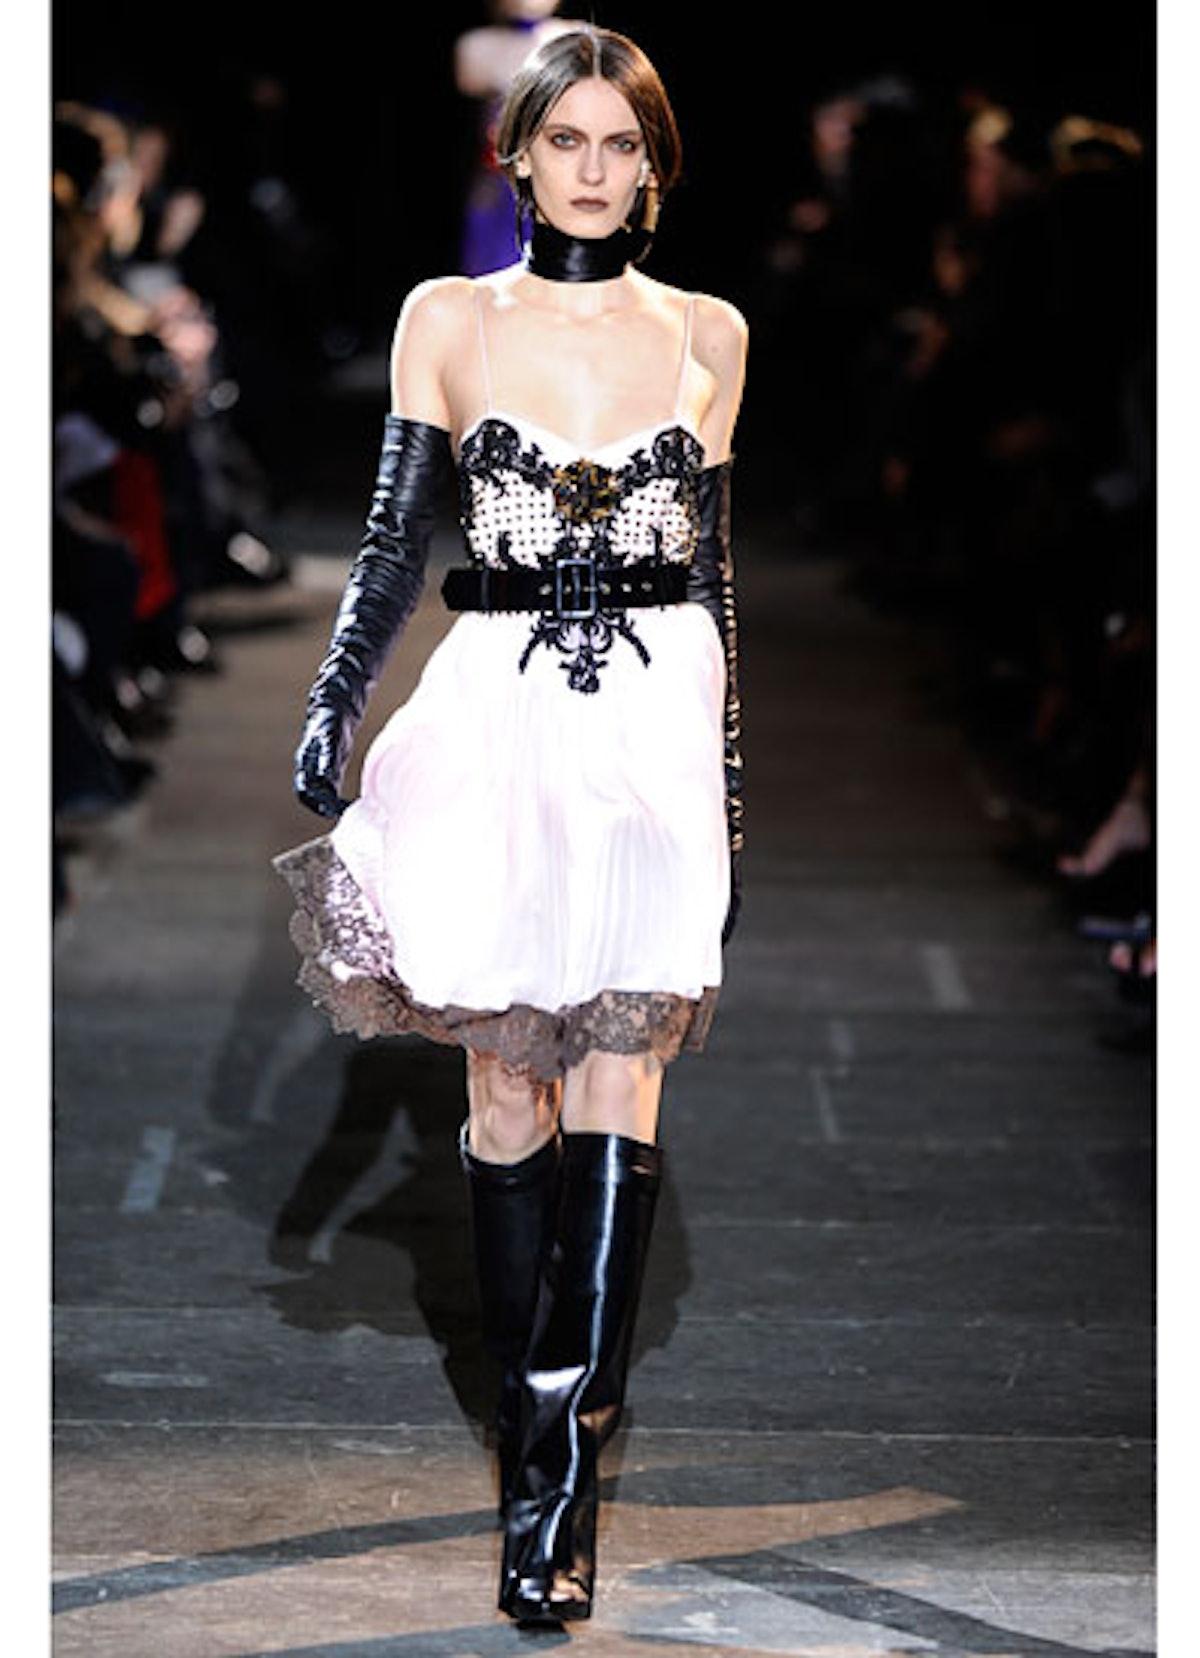 fass-fall-2012-fashion-roundup-34-v.jpg